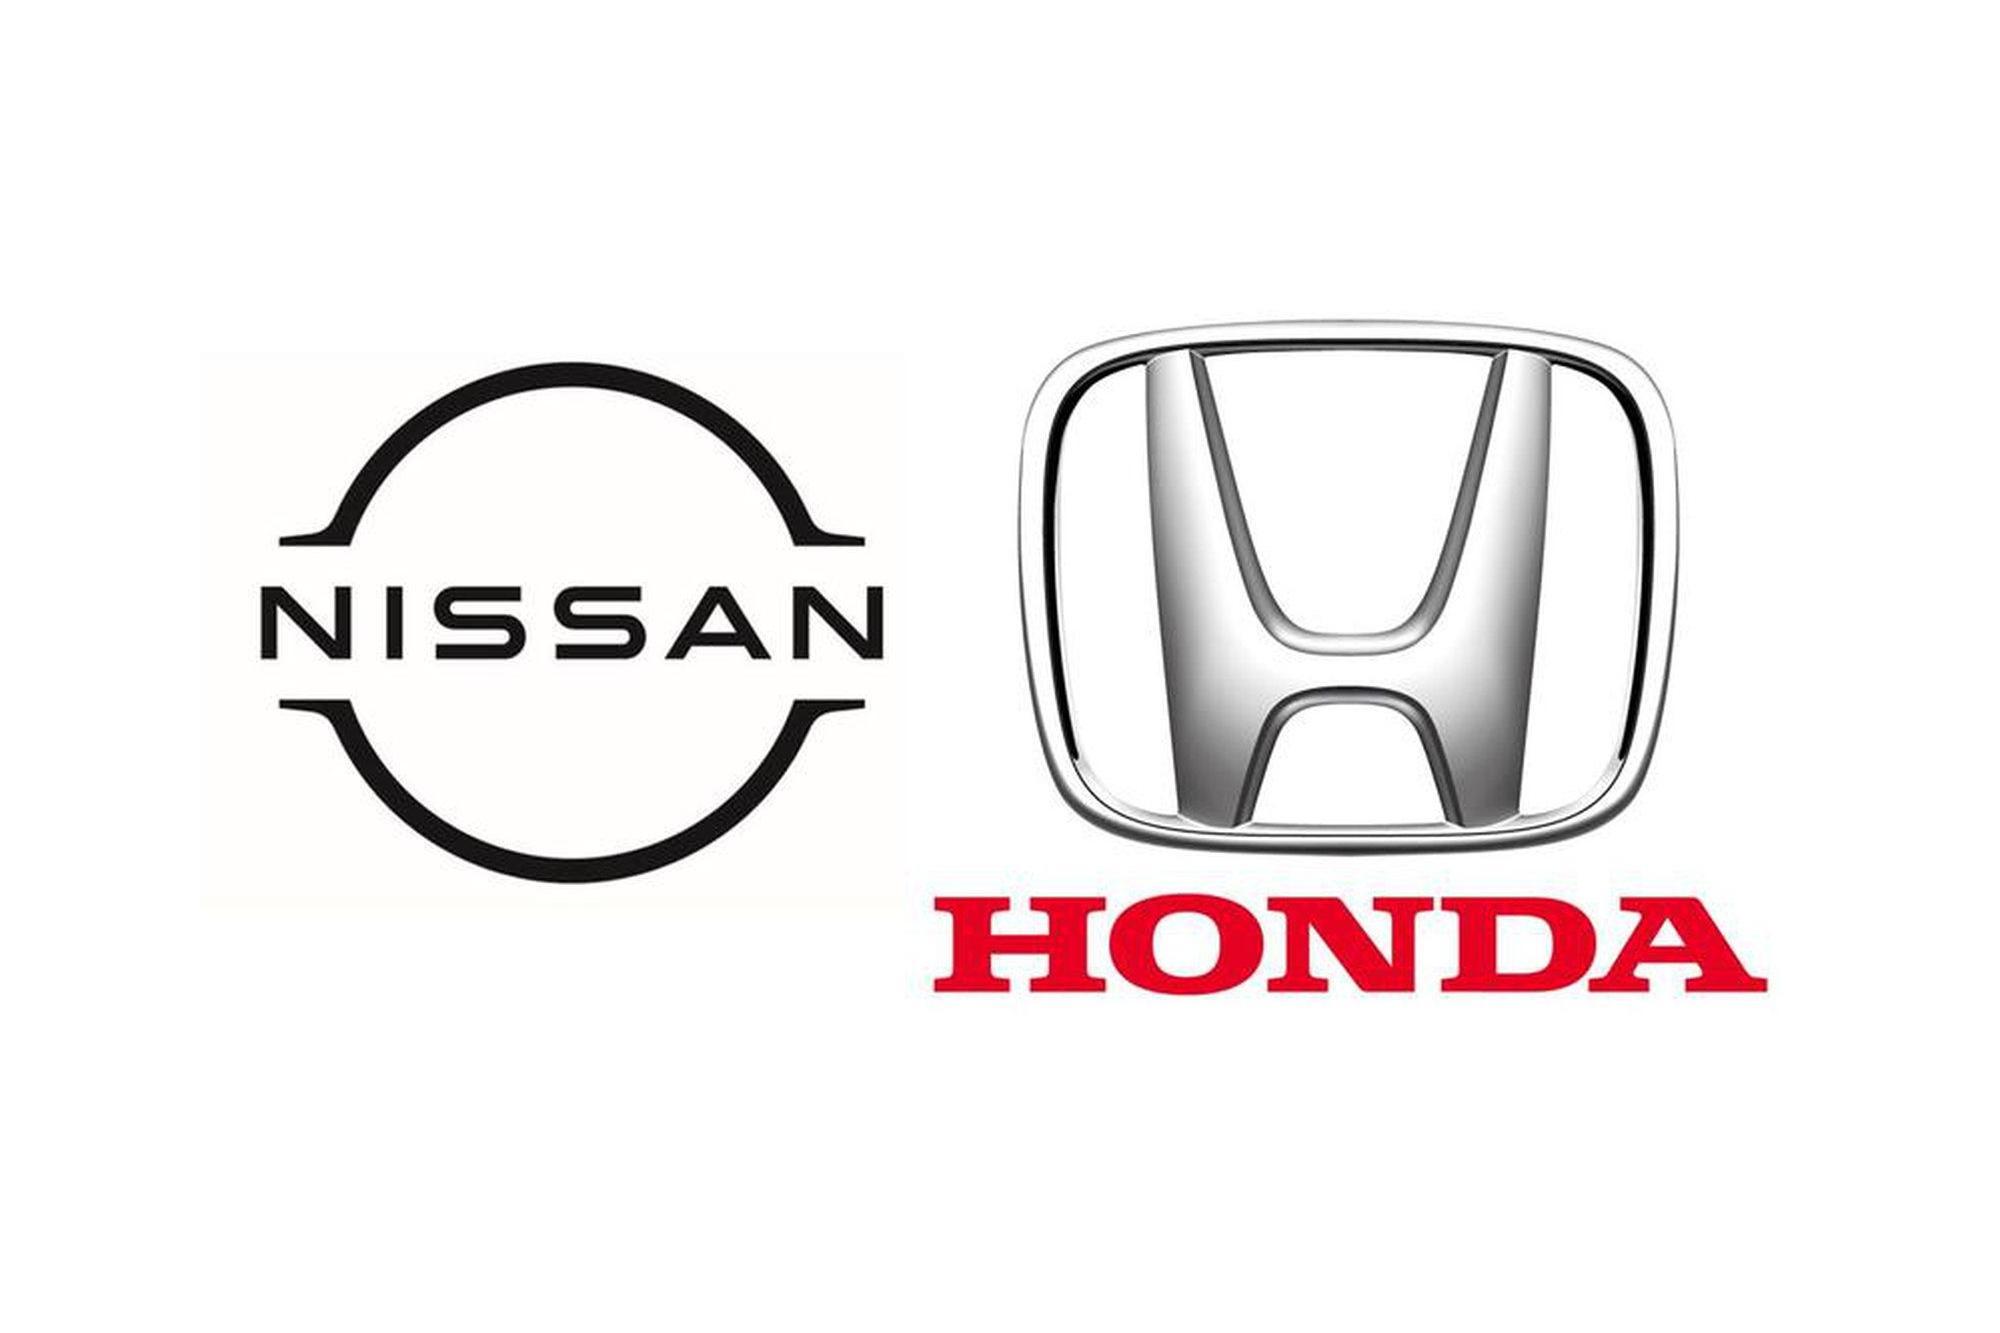 Συγχώνευση Nissan και Honda?